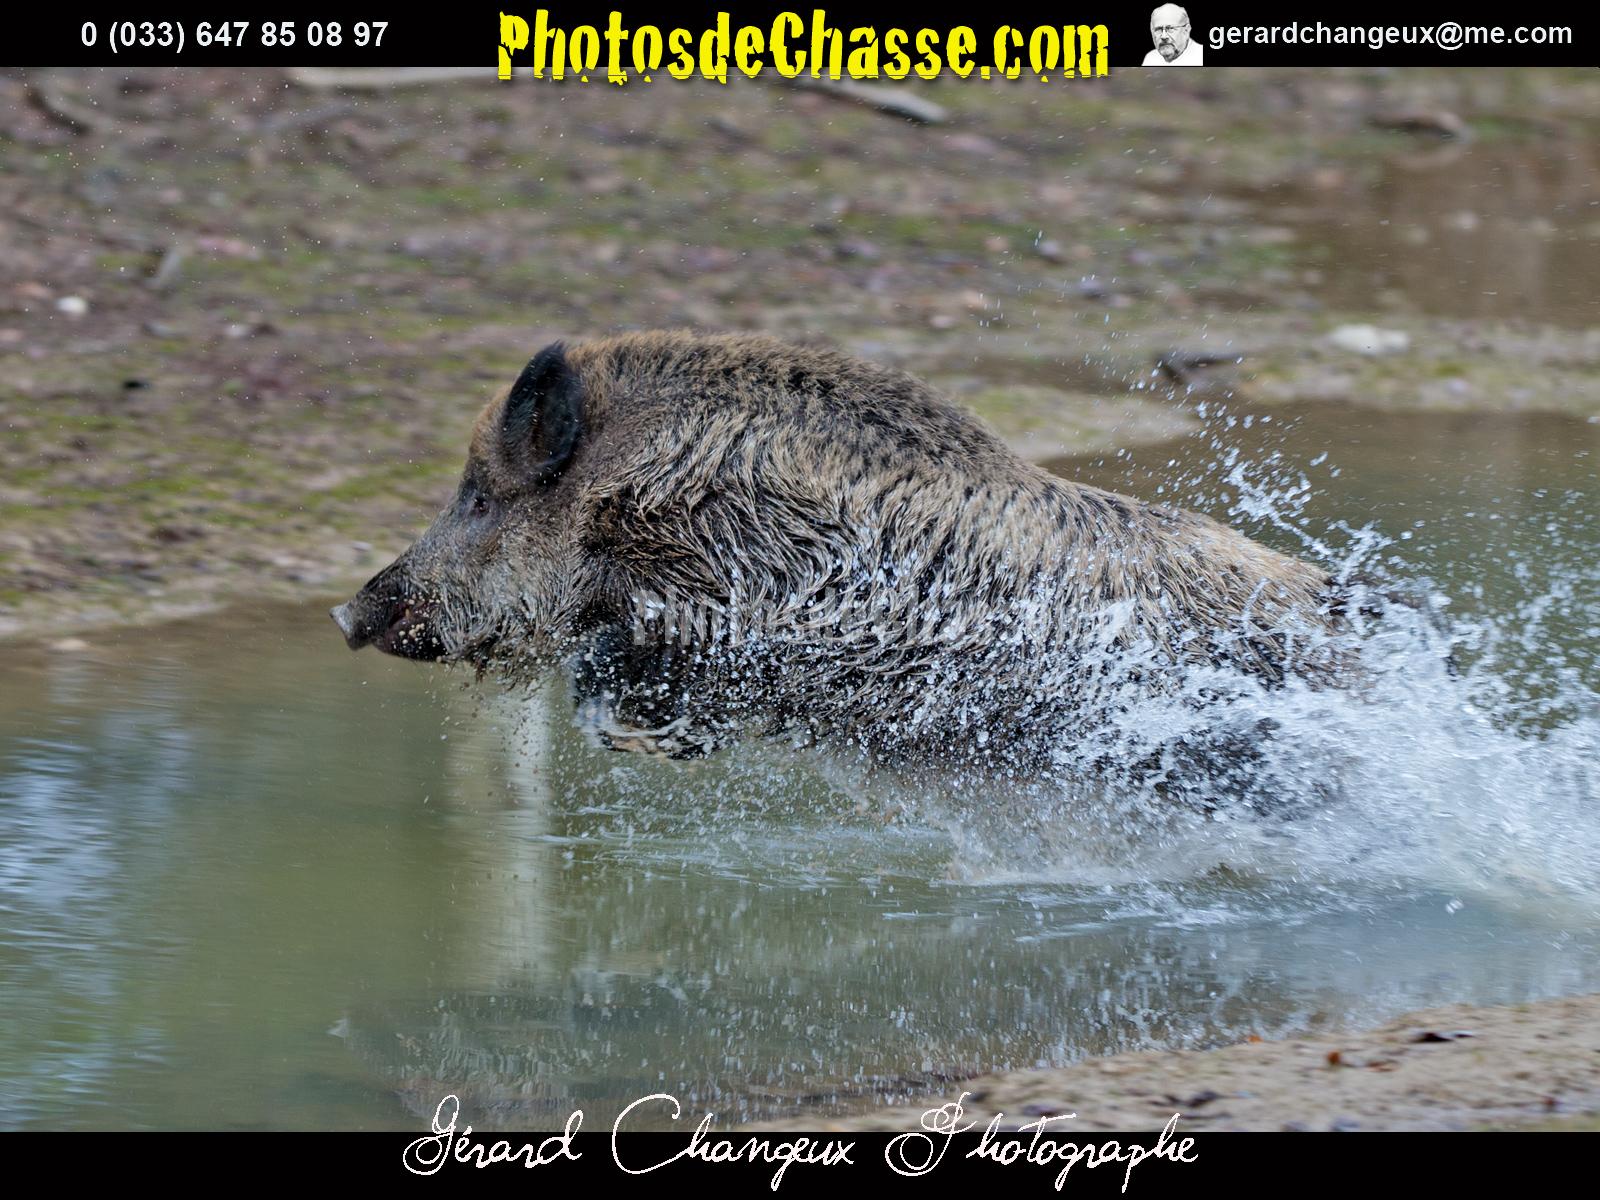 Le blog de photos de chasse quelques photos de chasse au - Cuisiner le sanglier au four ...